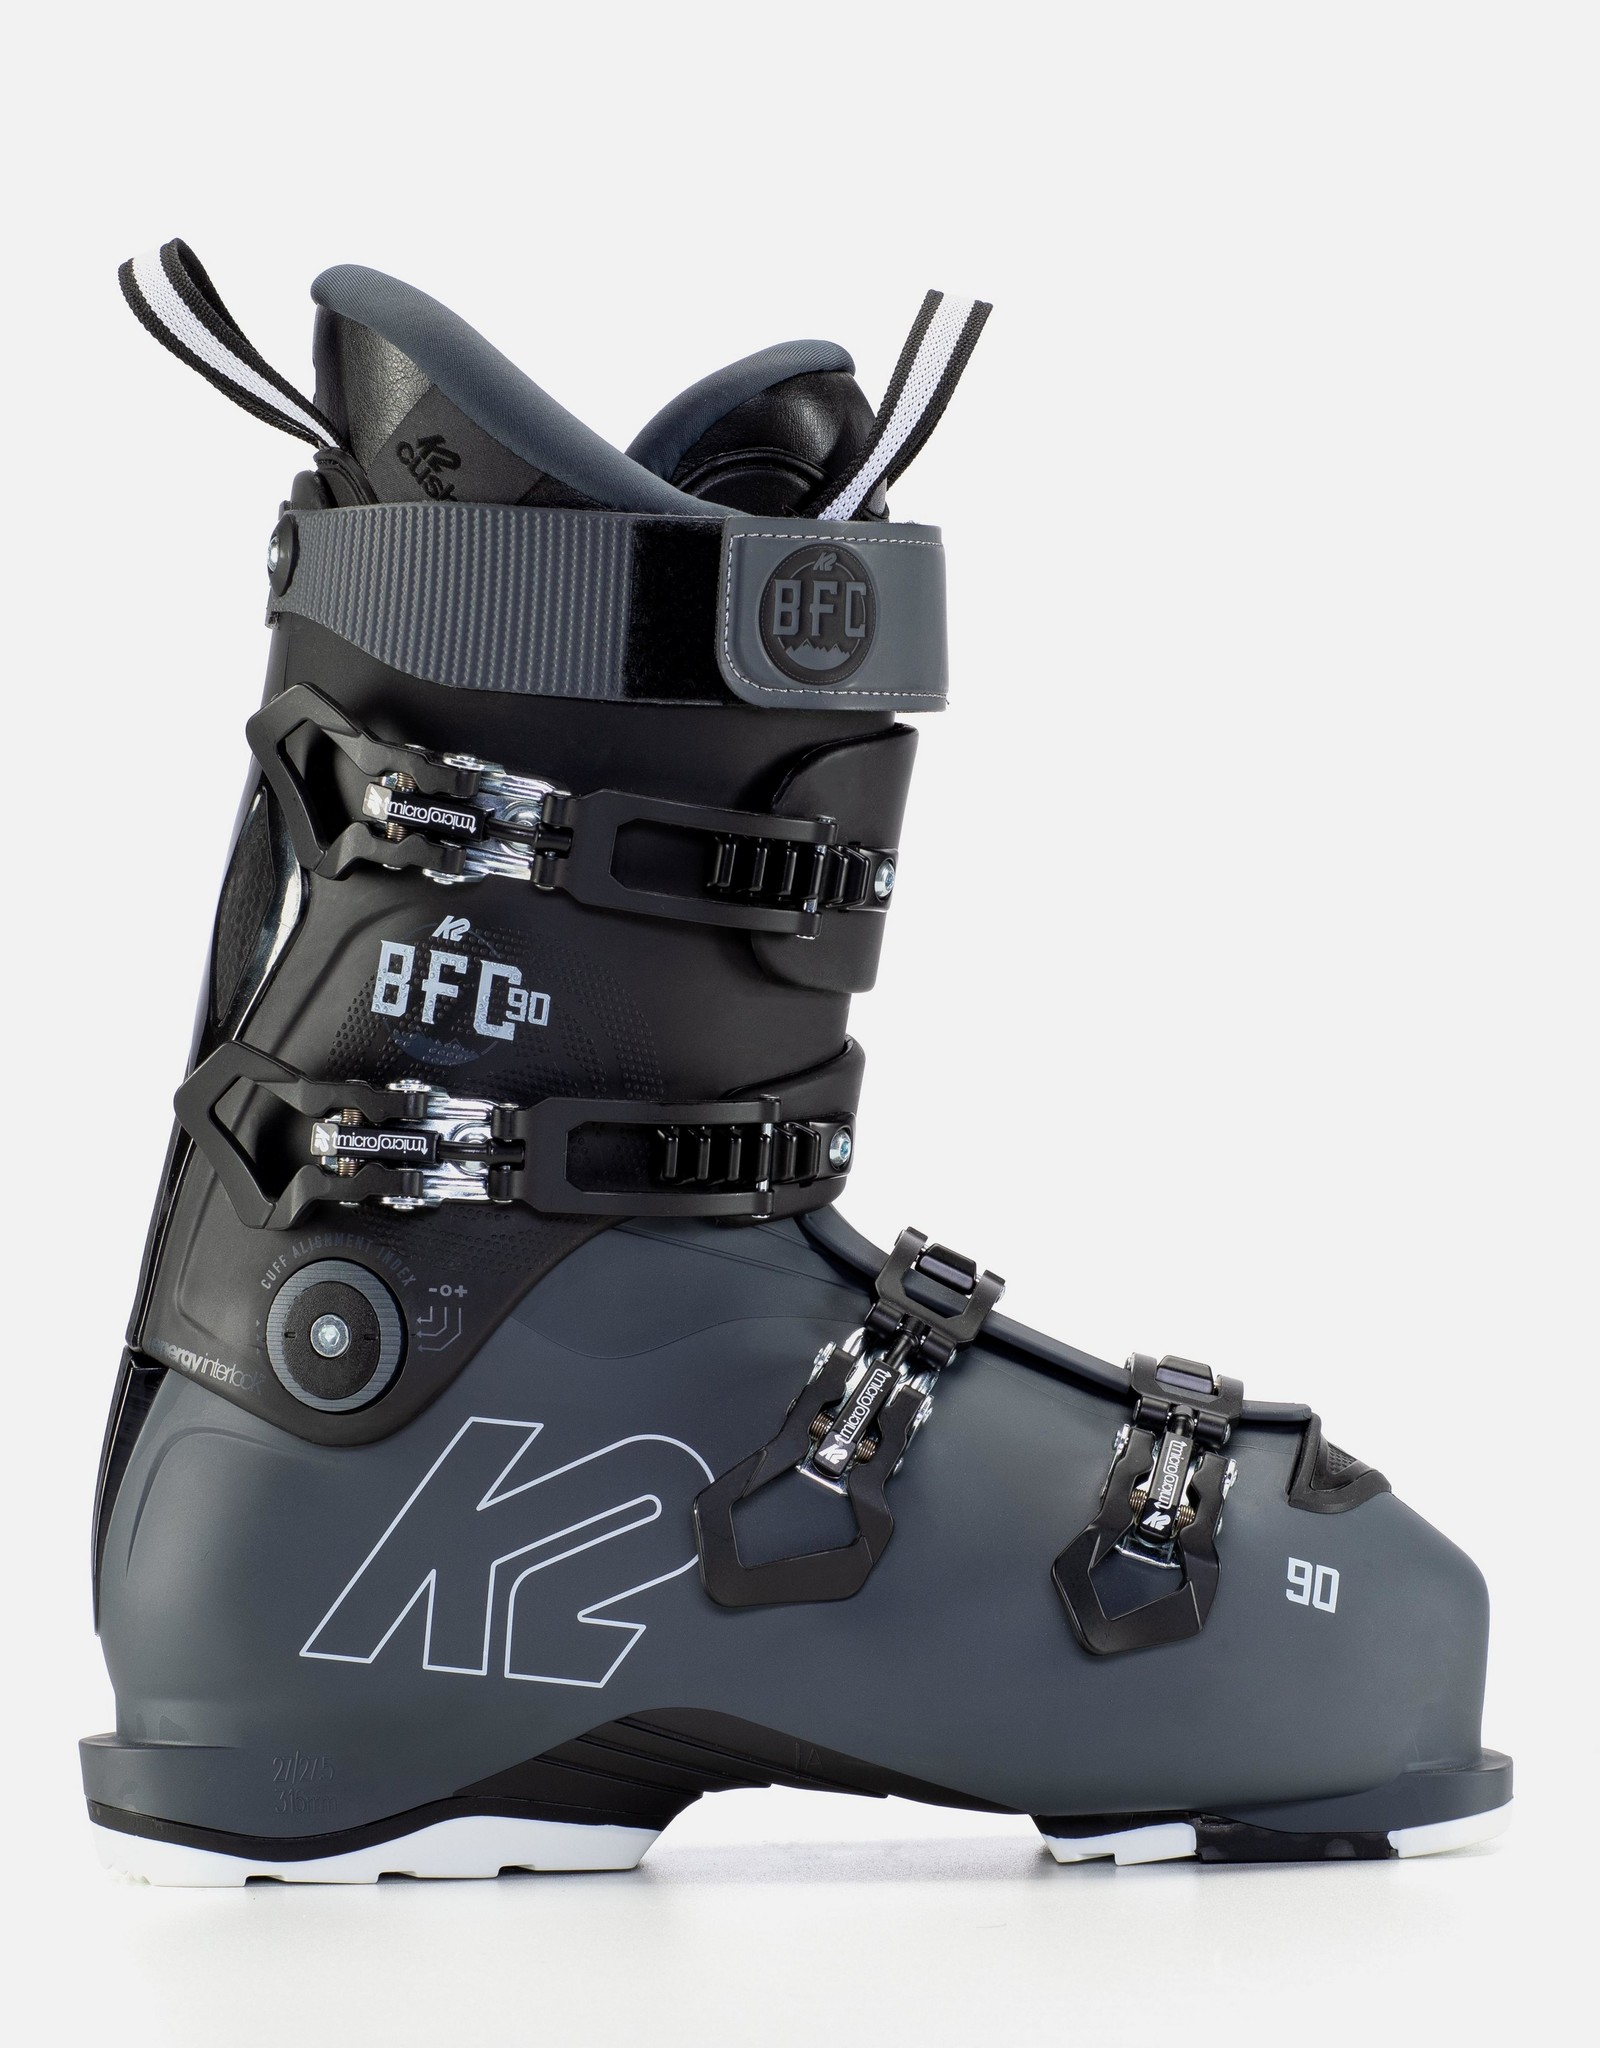 K2 Hiver Bottes Ski Alpin K2 Bfc 90